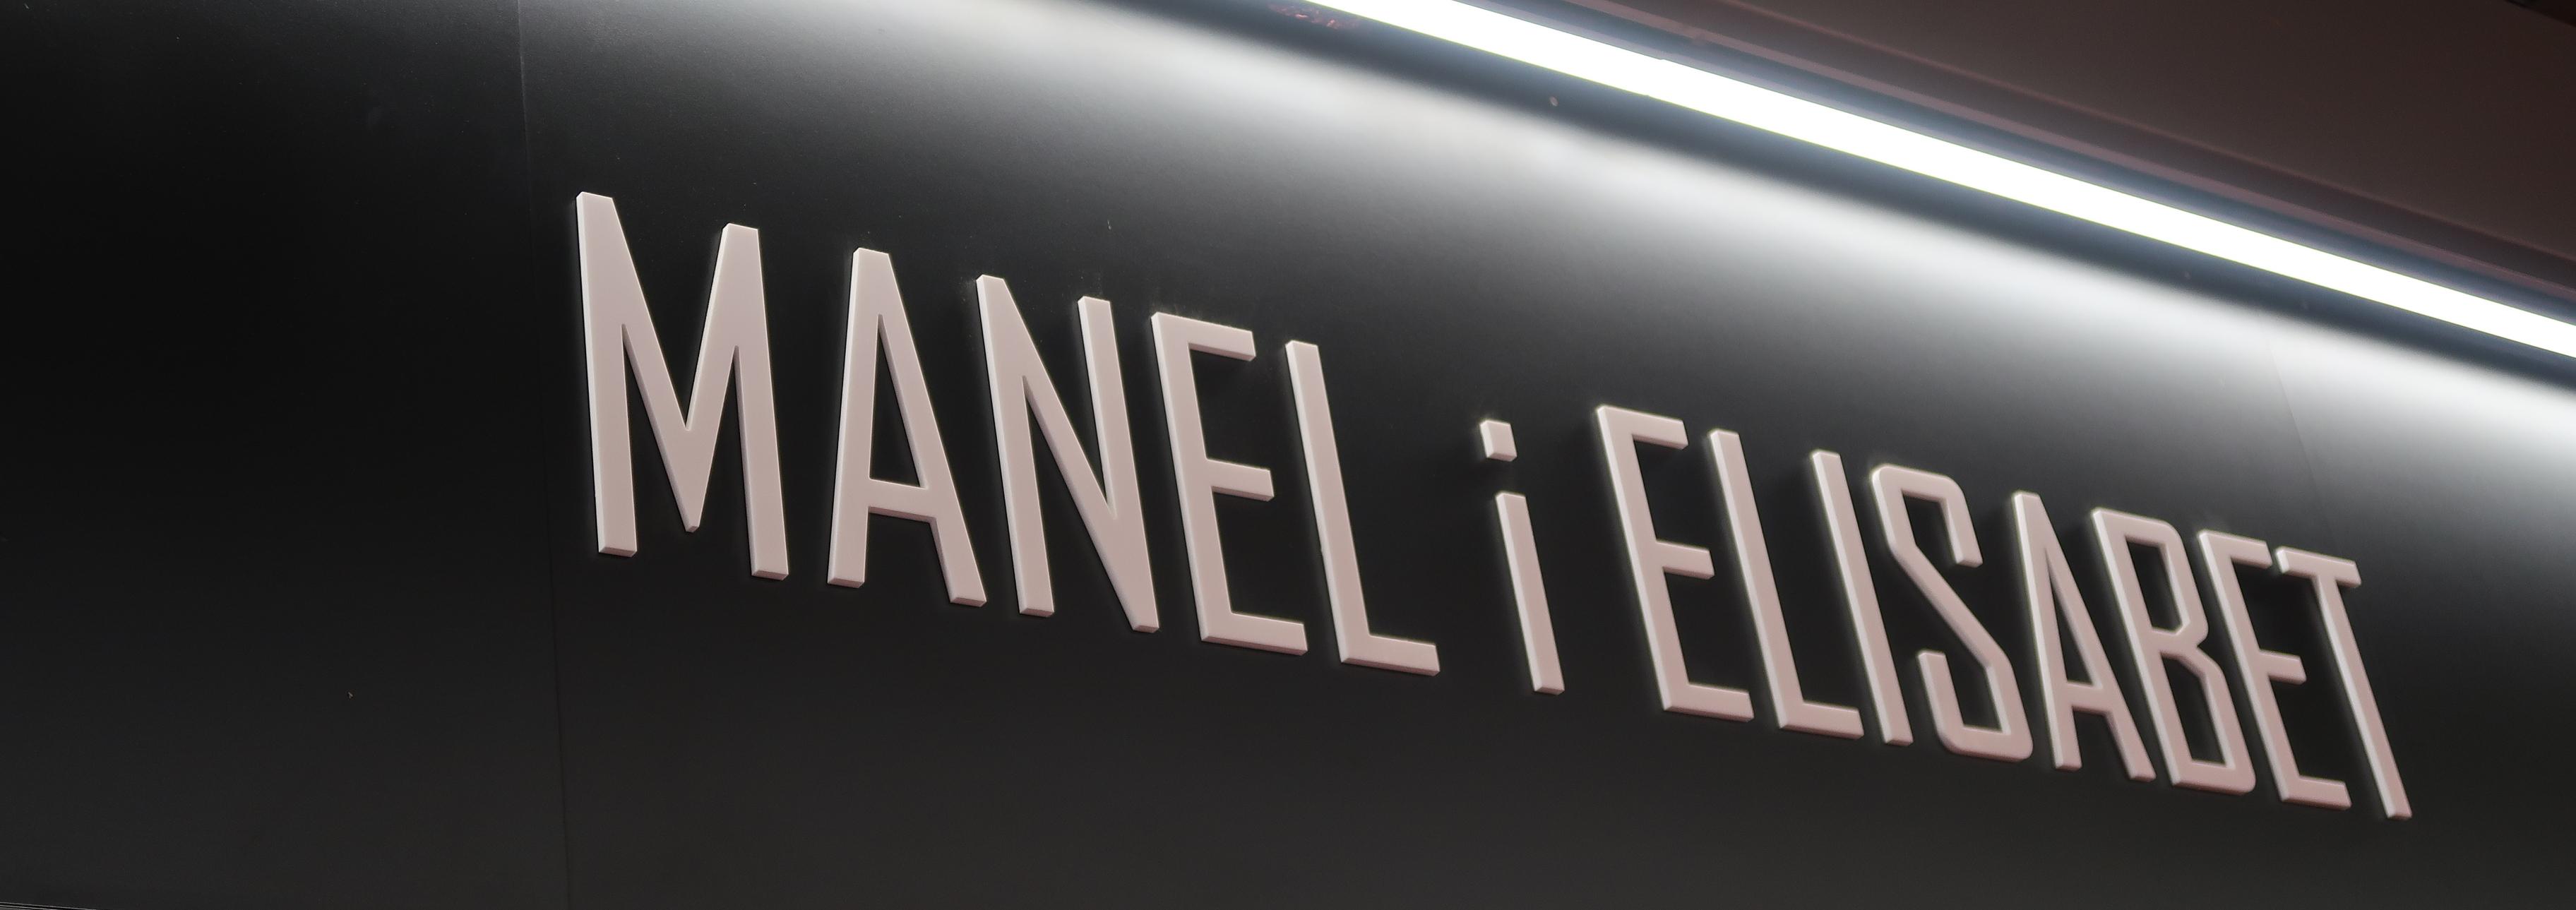 Manel i Elisabet shop sign, San Antoni market, Barcelona